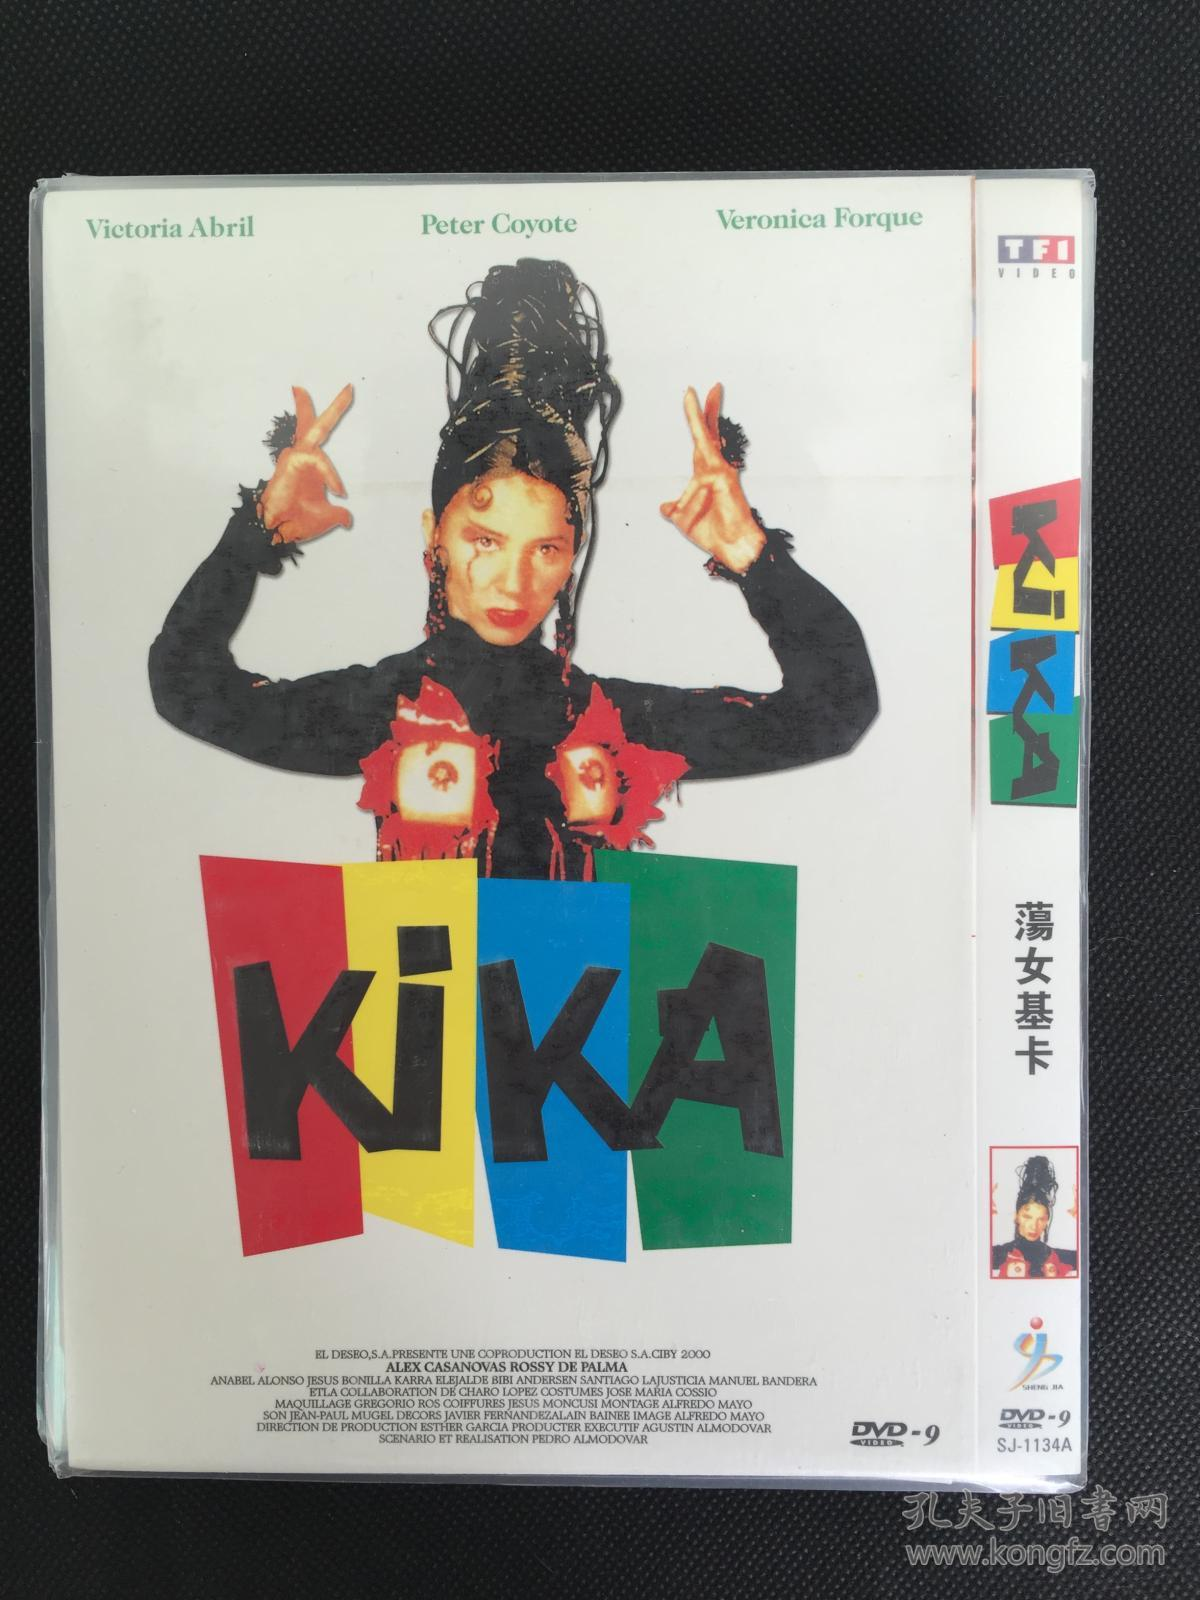 女���*:!&���&d9�-�`_【d9西班牙片  佩德罗·阿莫多瓦】荡女基卡 kika (1993) 贝罗尼卡